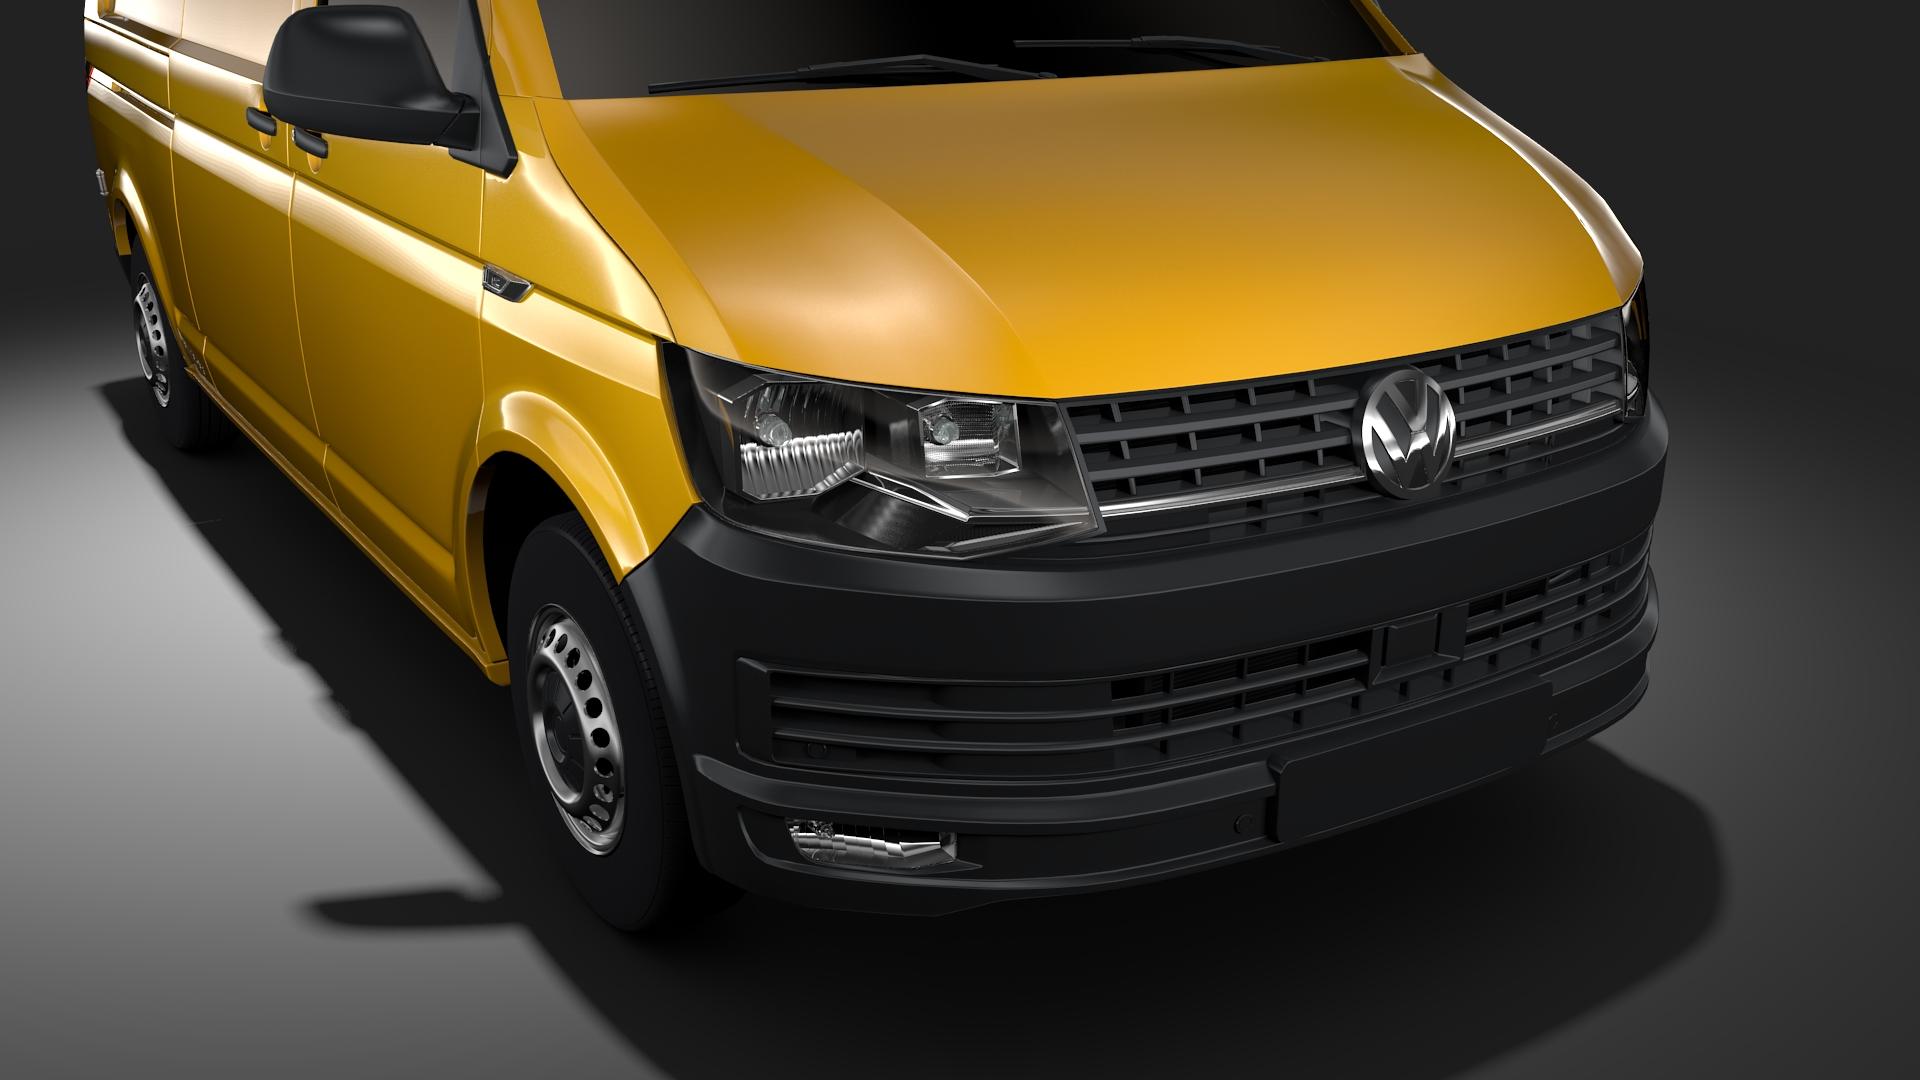 volkswagen transporter van l2h3 t6 2017 3d model max fbx c4d lwo ma mb hrc xsi obj 275292